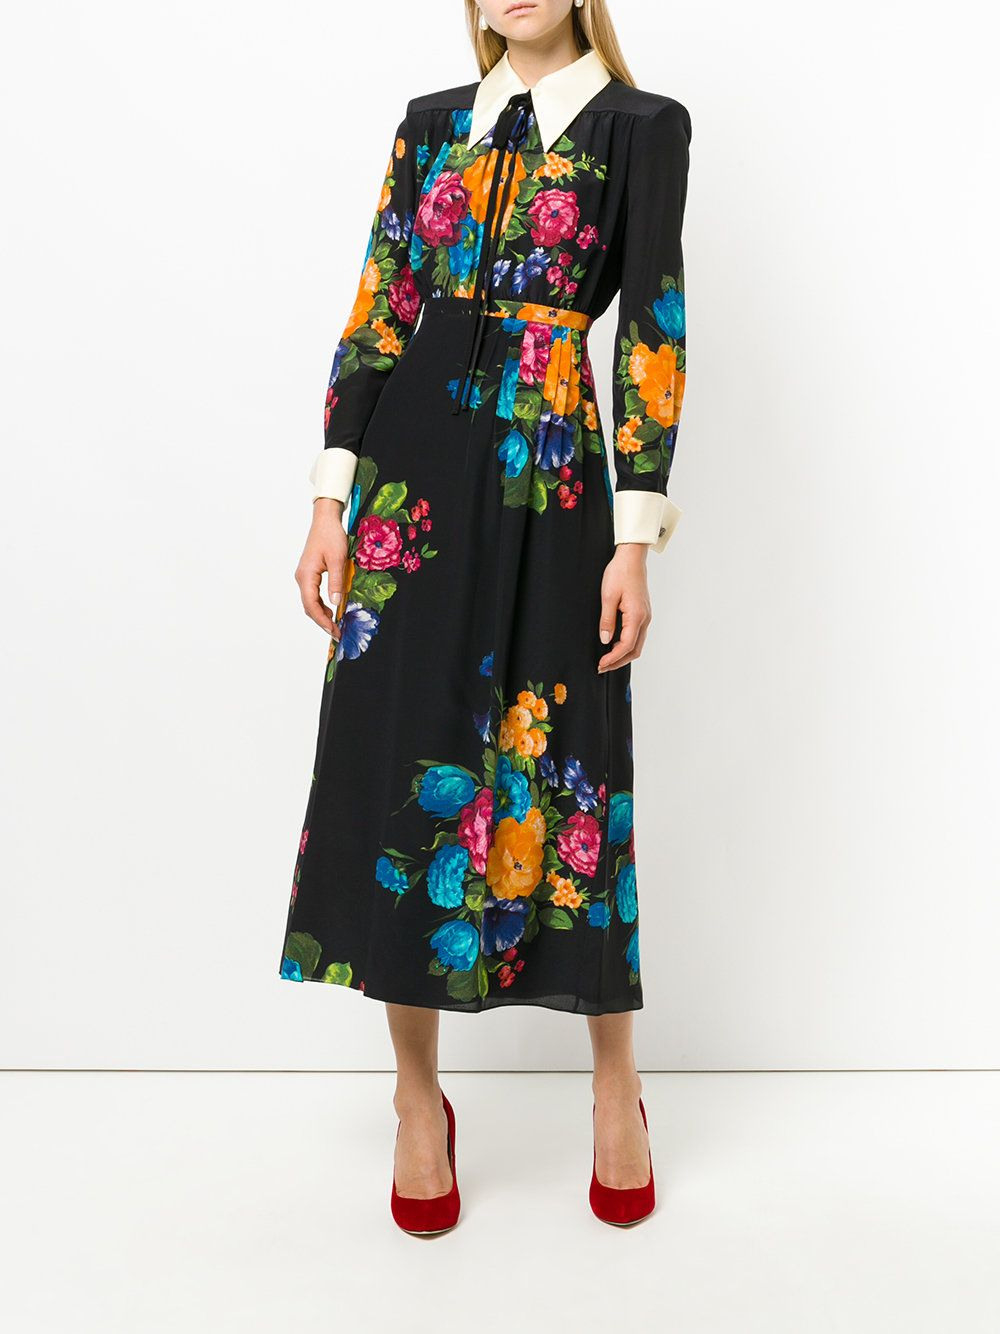 17 Kreativ Gucci Abend Kleid Ärmel15 Großartig Gucci Abend Kleid Ärmel